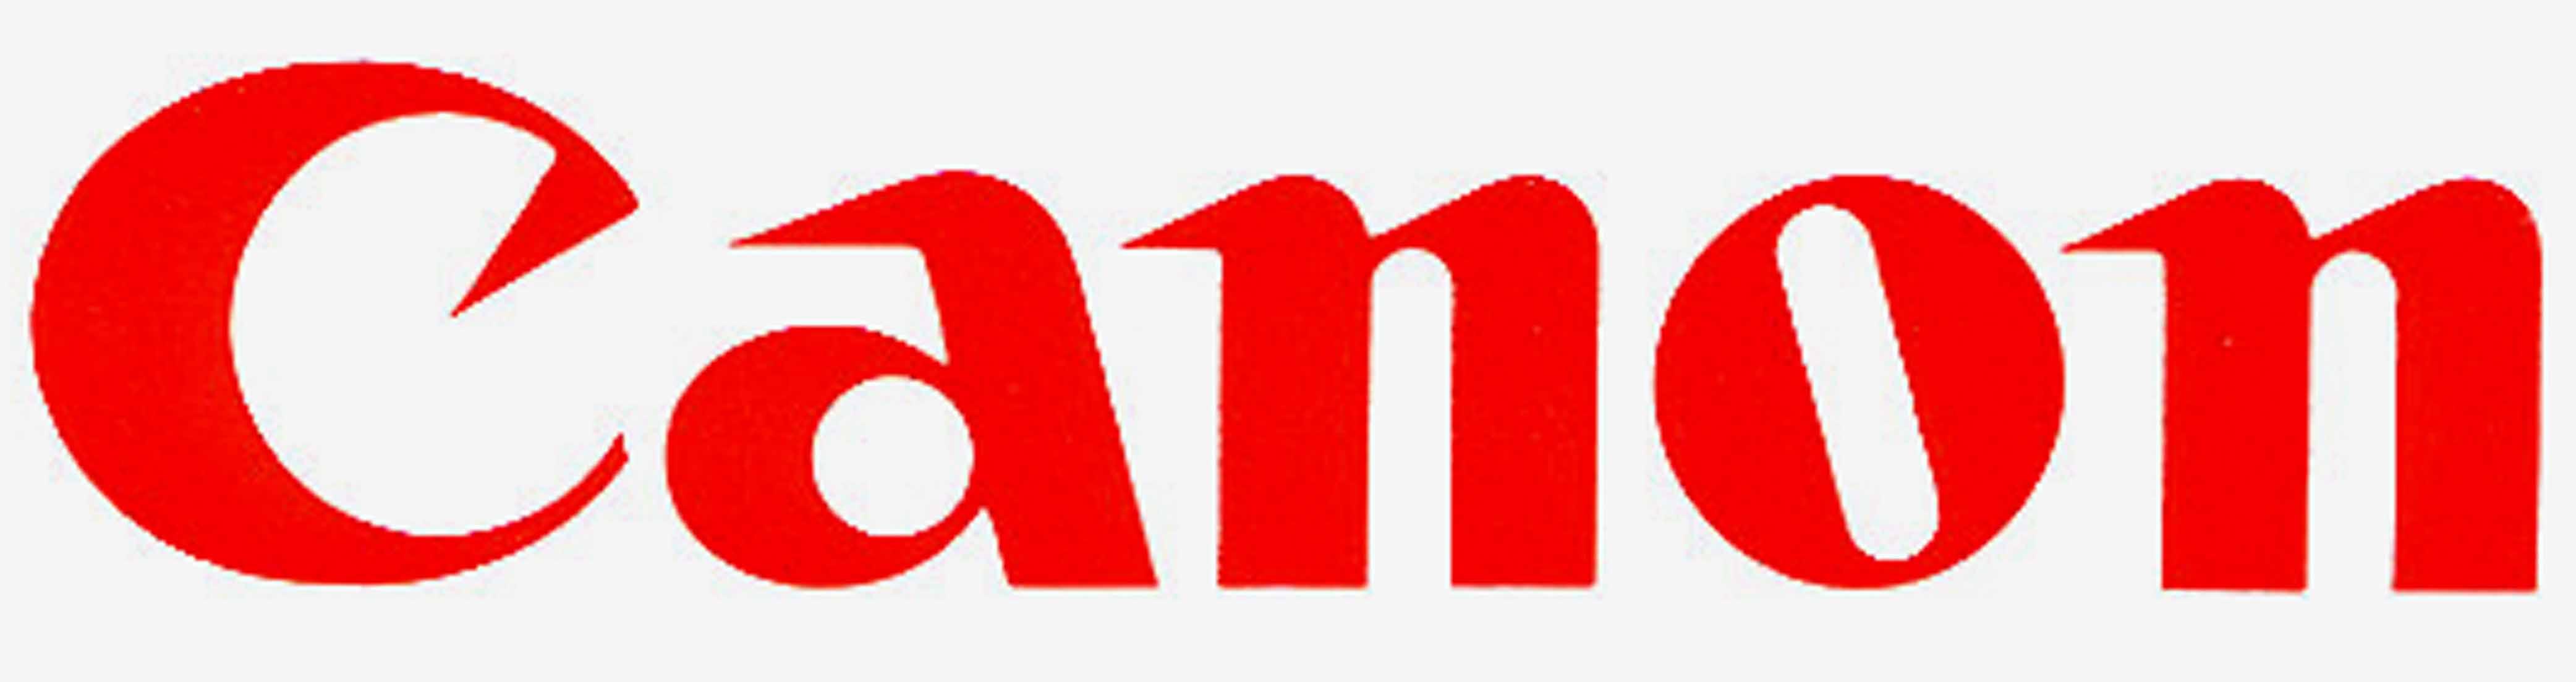 https://ourshutterjourney.files.wordpress.com/2013/08/high-resolution-canon-logo.jpg